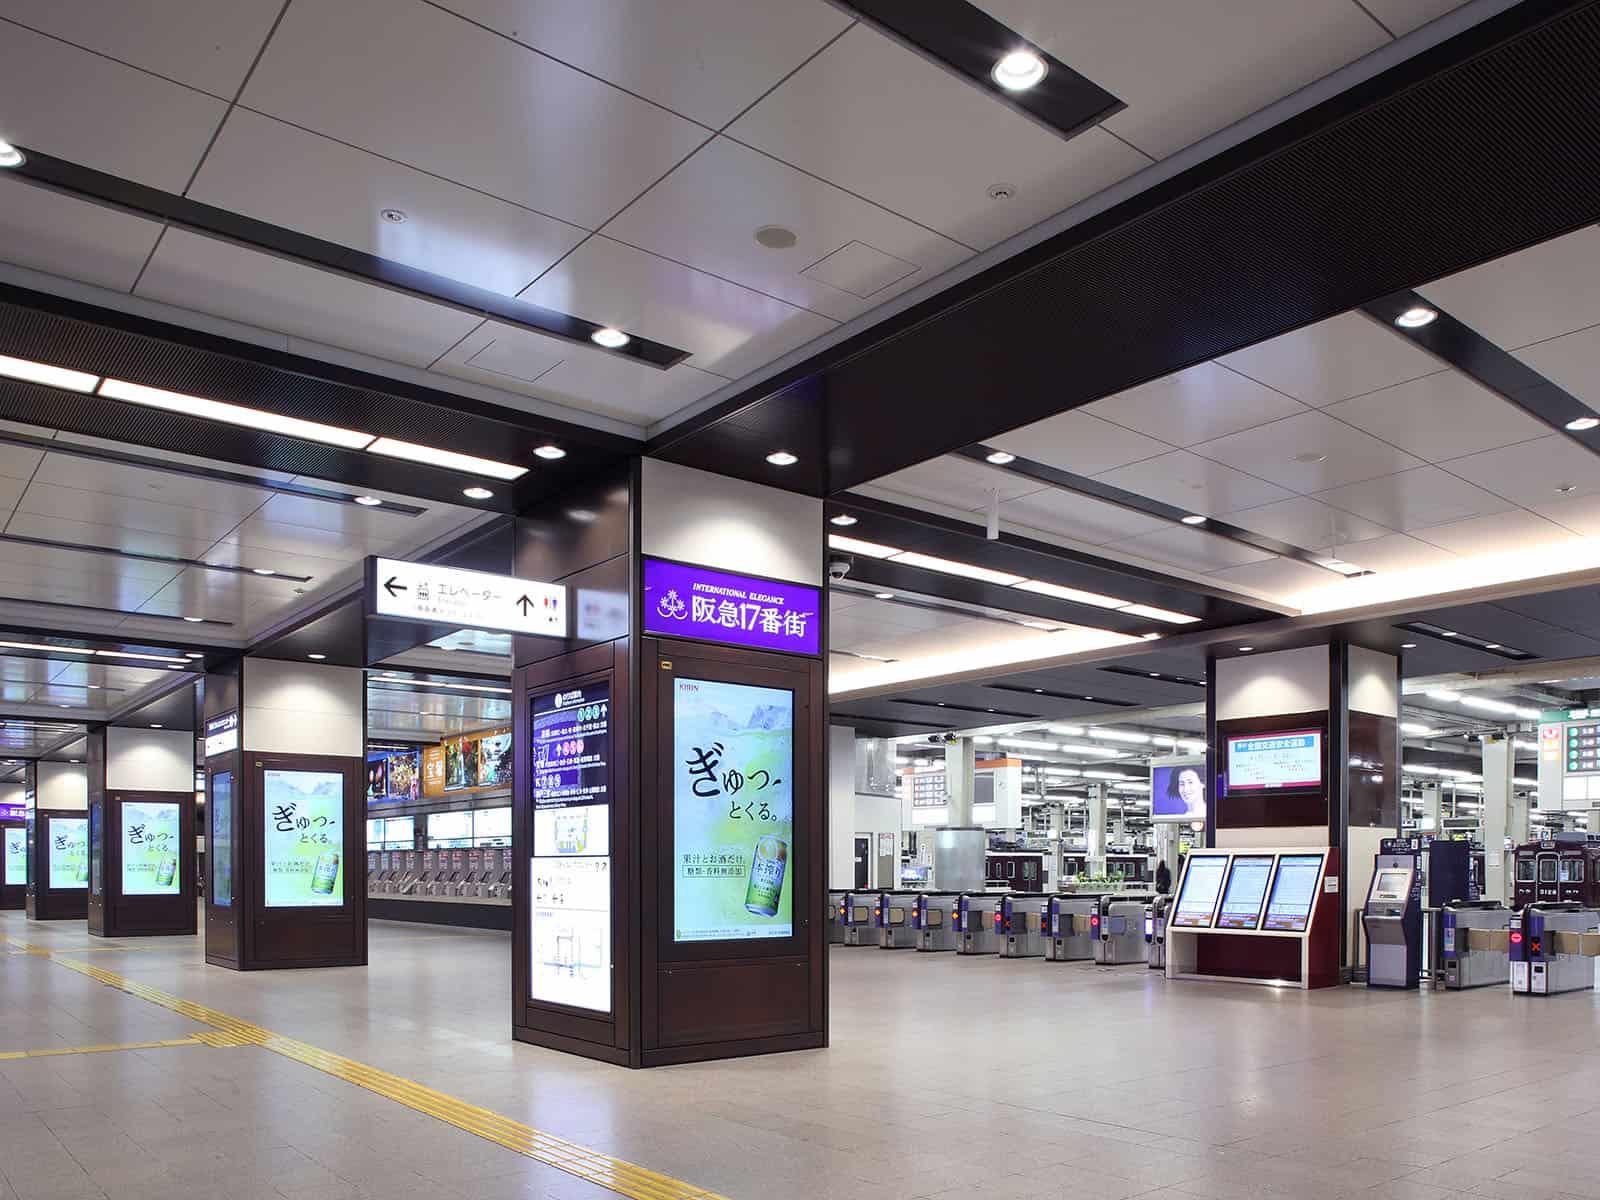 บริเวณทางเข้าสถานีฮันคิวอุเมดะ (Hankyu Umeda Station)